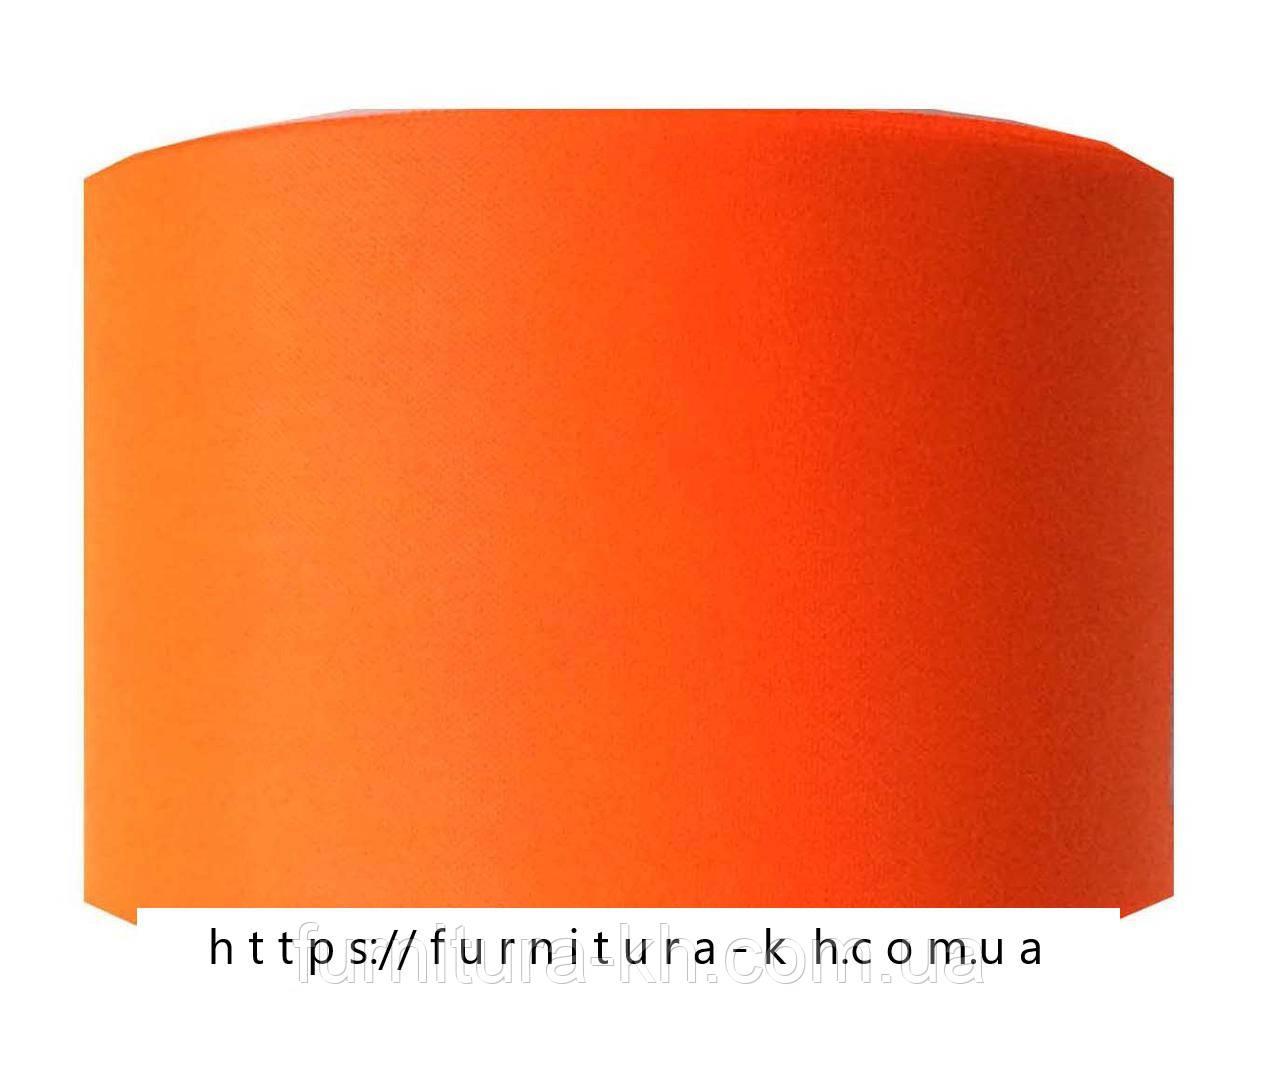 Лента шелковая, цвет оранжевый, ширина 50 мм (50 м в бобине)